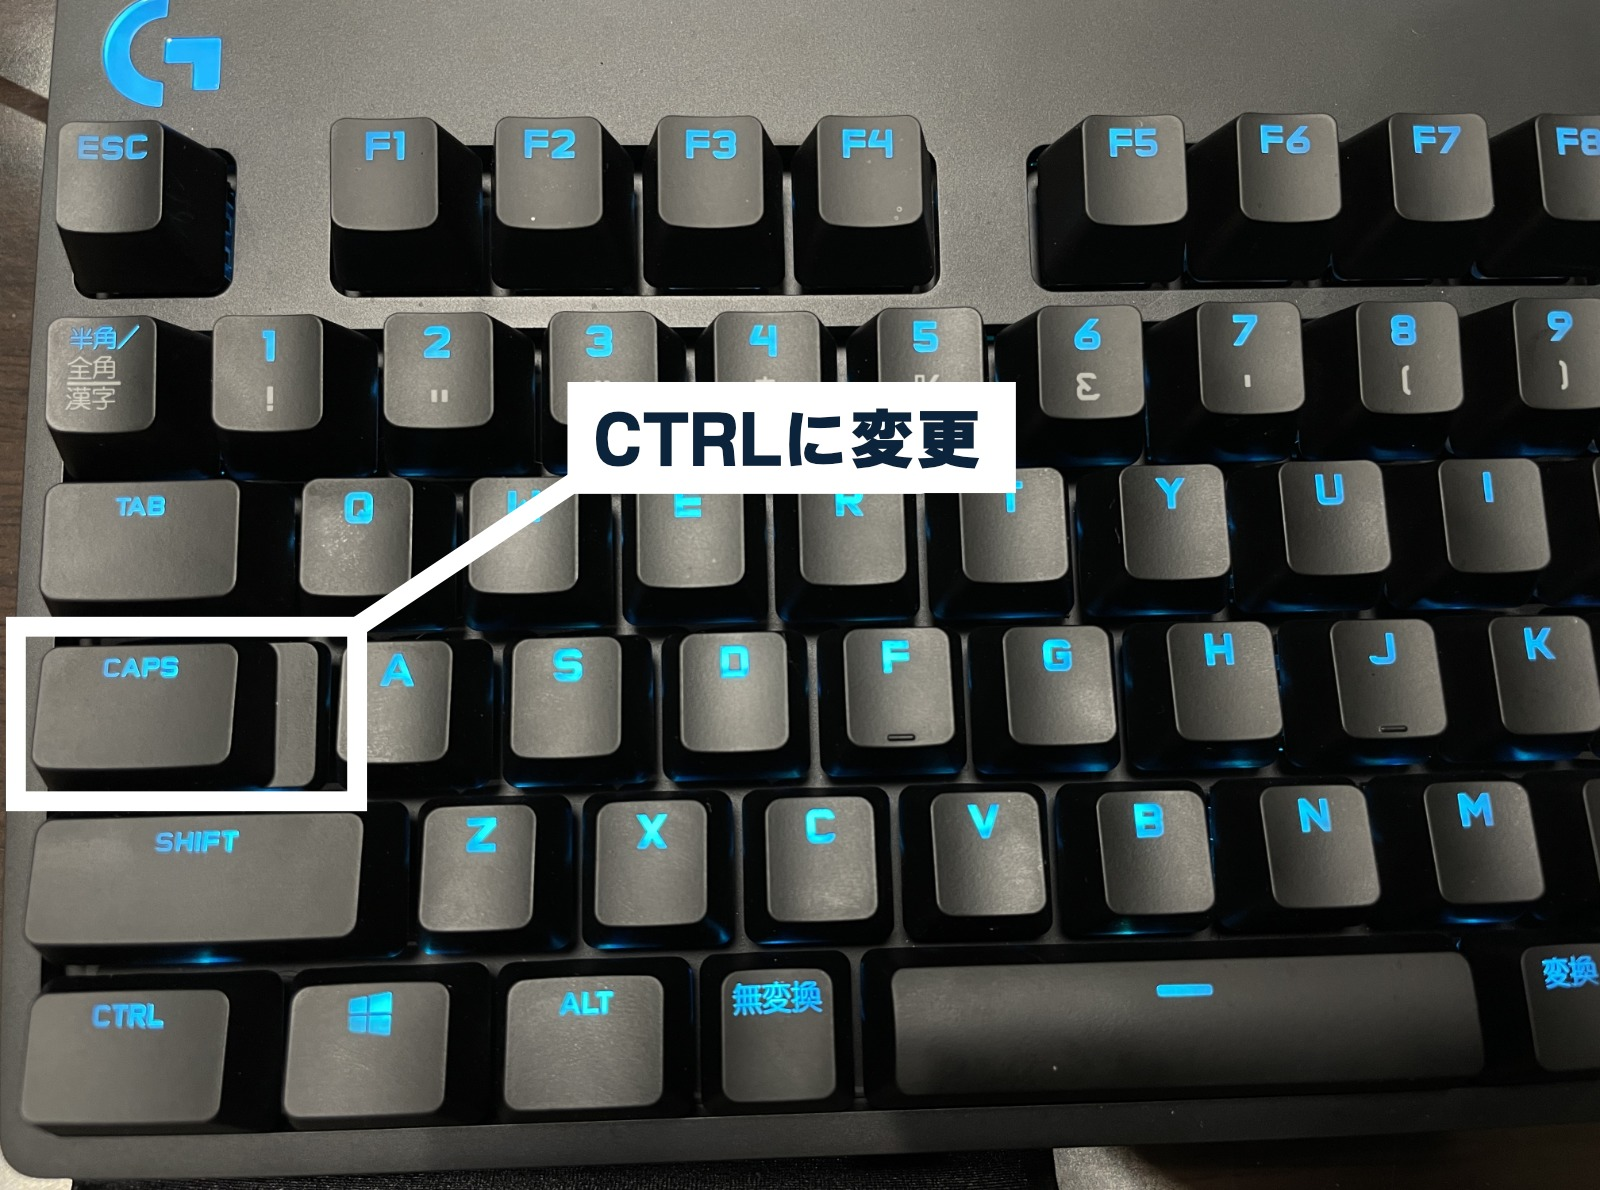 キーボードのcaps lock をctrl に変更して使っている